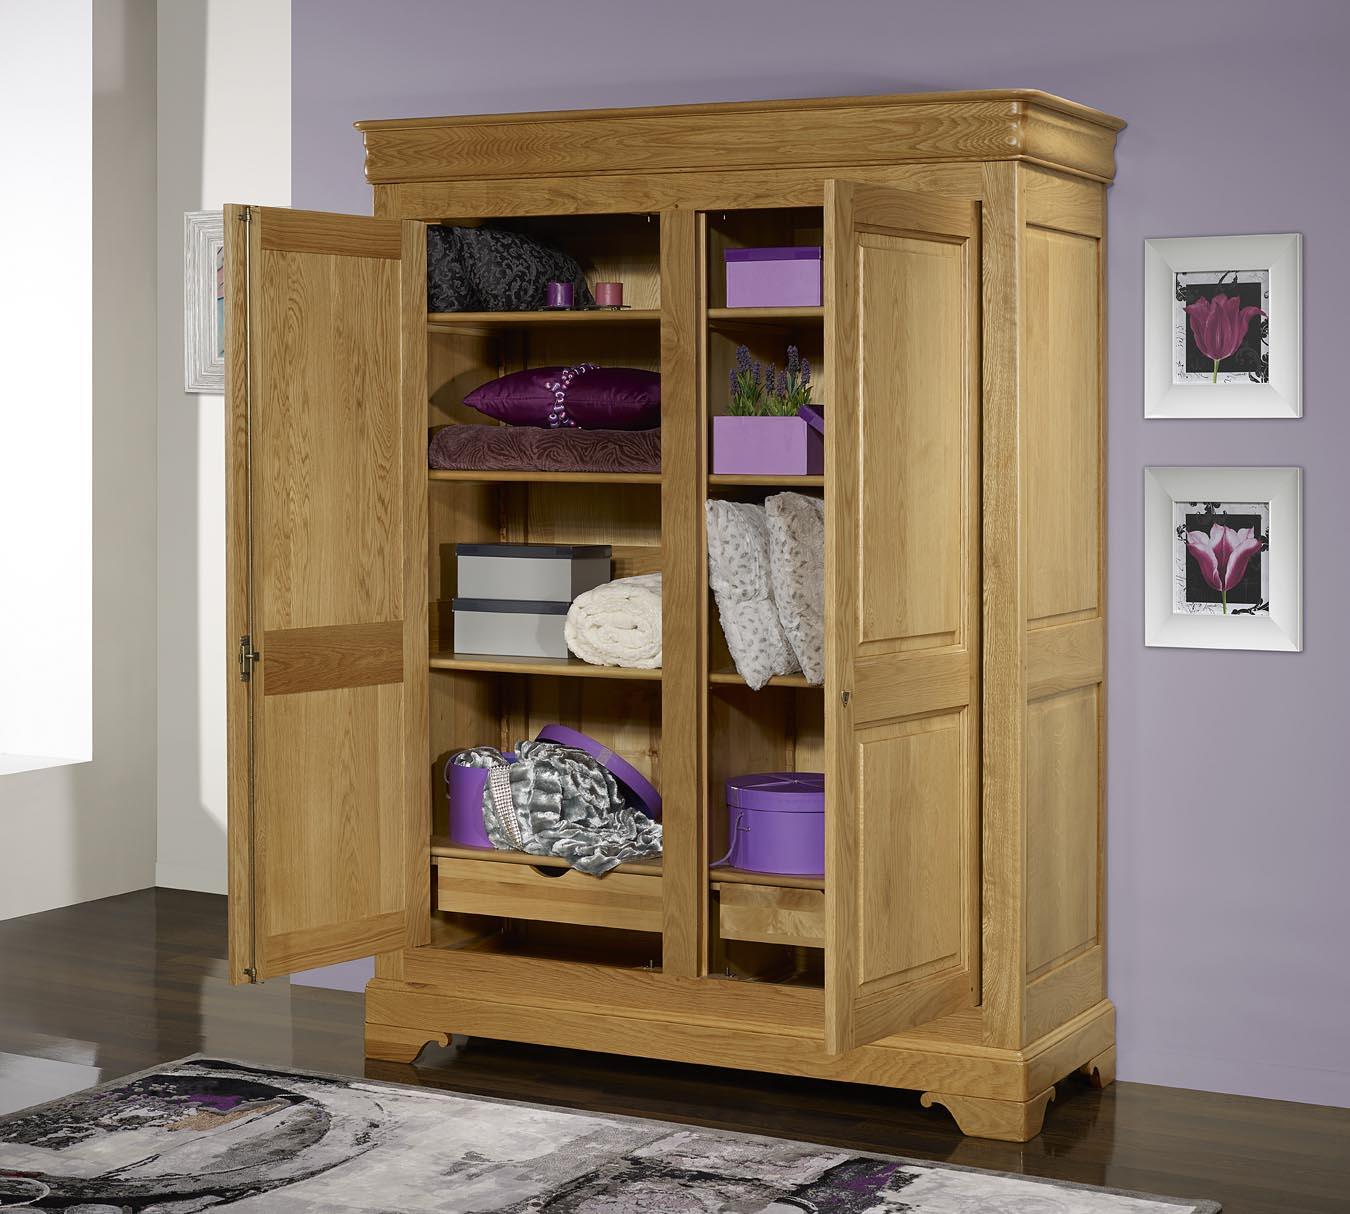 armoire 2 portes en ch ne massif de style louis philippe meuble en ch ne massif. Black Bedroom Furniture Sets. Home Design Ideas